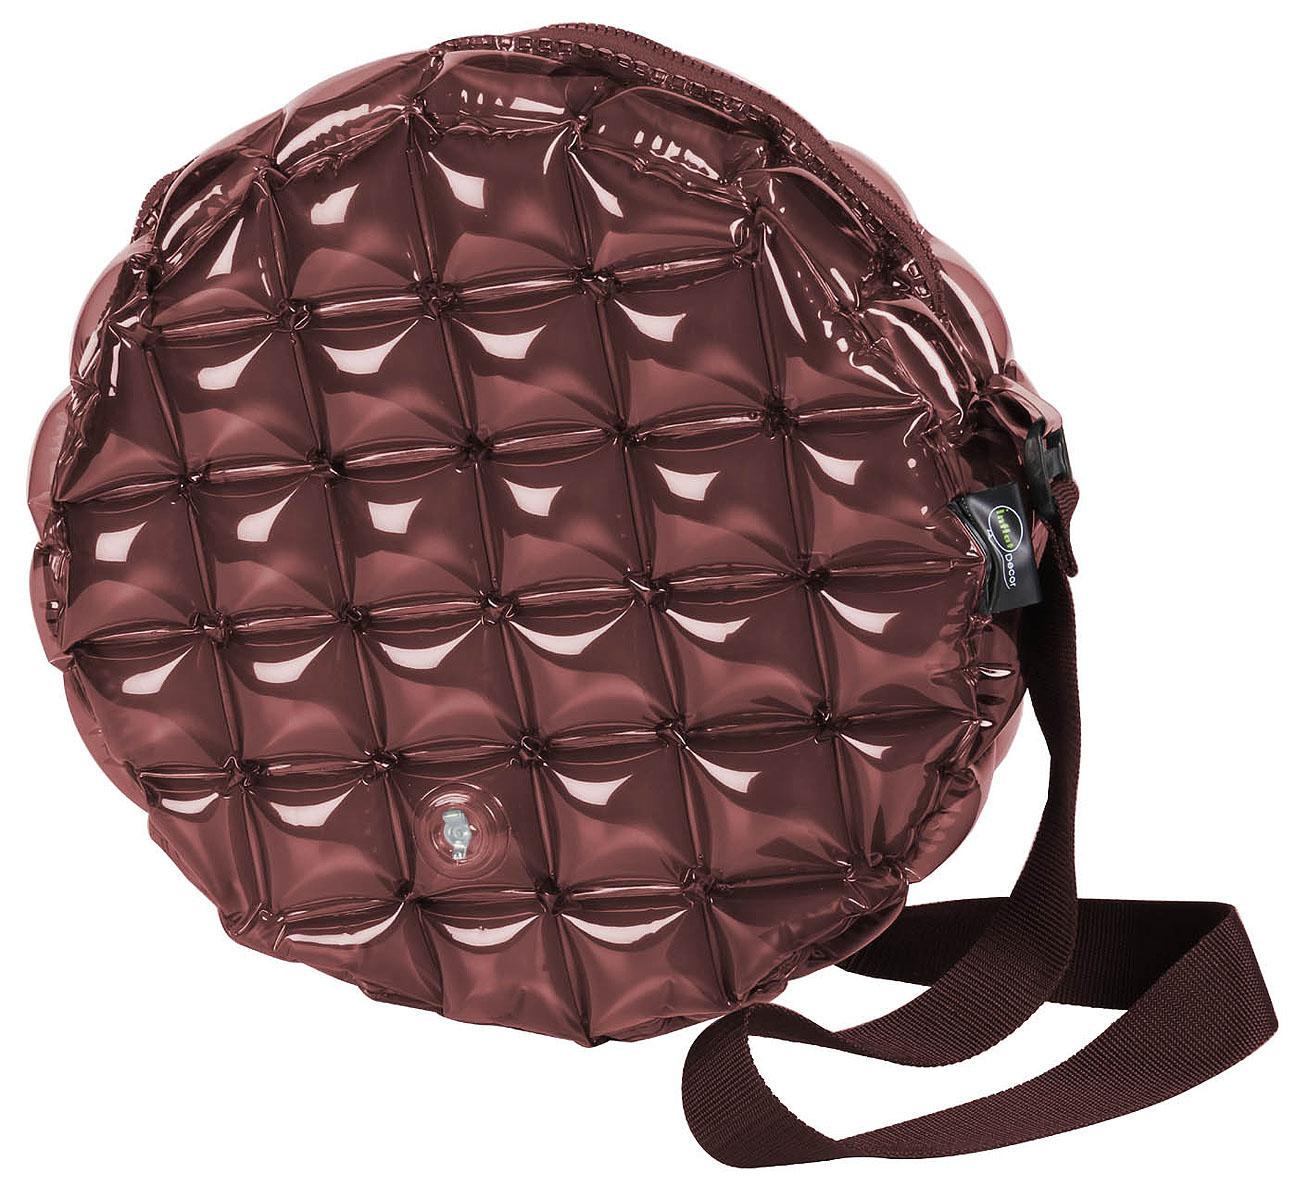 Сумка надувная Inflat Decor, цвет: шоколадный. 01213-47670-00504Яркая надувная сумка - великолепный аксессуар на лето! Сумка круглой формы выполнена из ПВХ и снабжена ручкой из полиэстера. Модель закрывается на застежку-молнию.Сумка легко надувается при помощи мини-насоса (входит в комплект) или рта. В сдутом виде сумка очень компактна и не займет много места. Надувная сумка - отличное решение для летней прогулки. Характеристики: Материал: ПВХ, полиэстер.Размер сумки: 39 см х 39 см х 15 см.